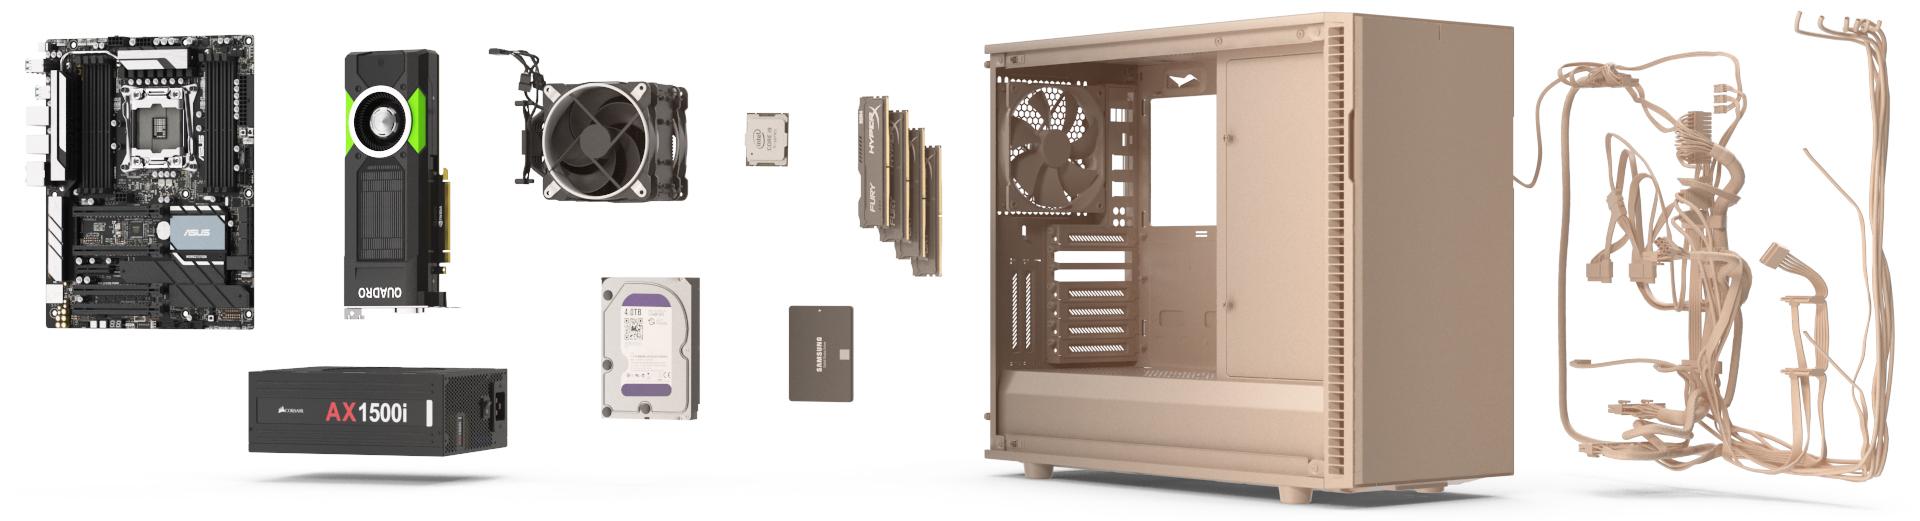 Computer Hardware 3D Models